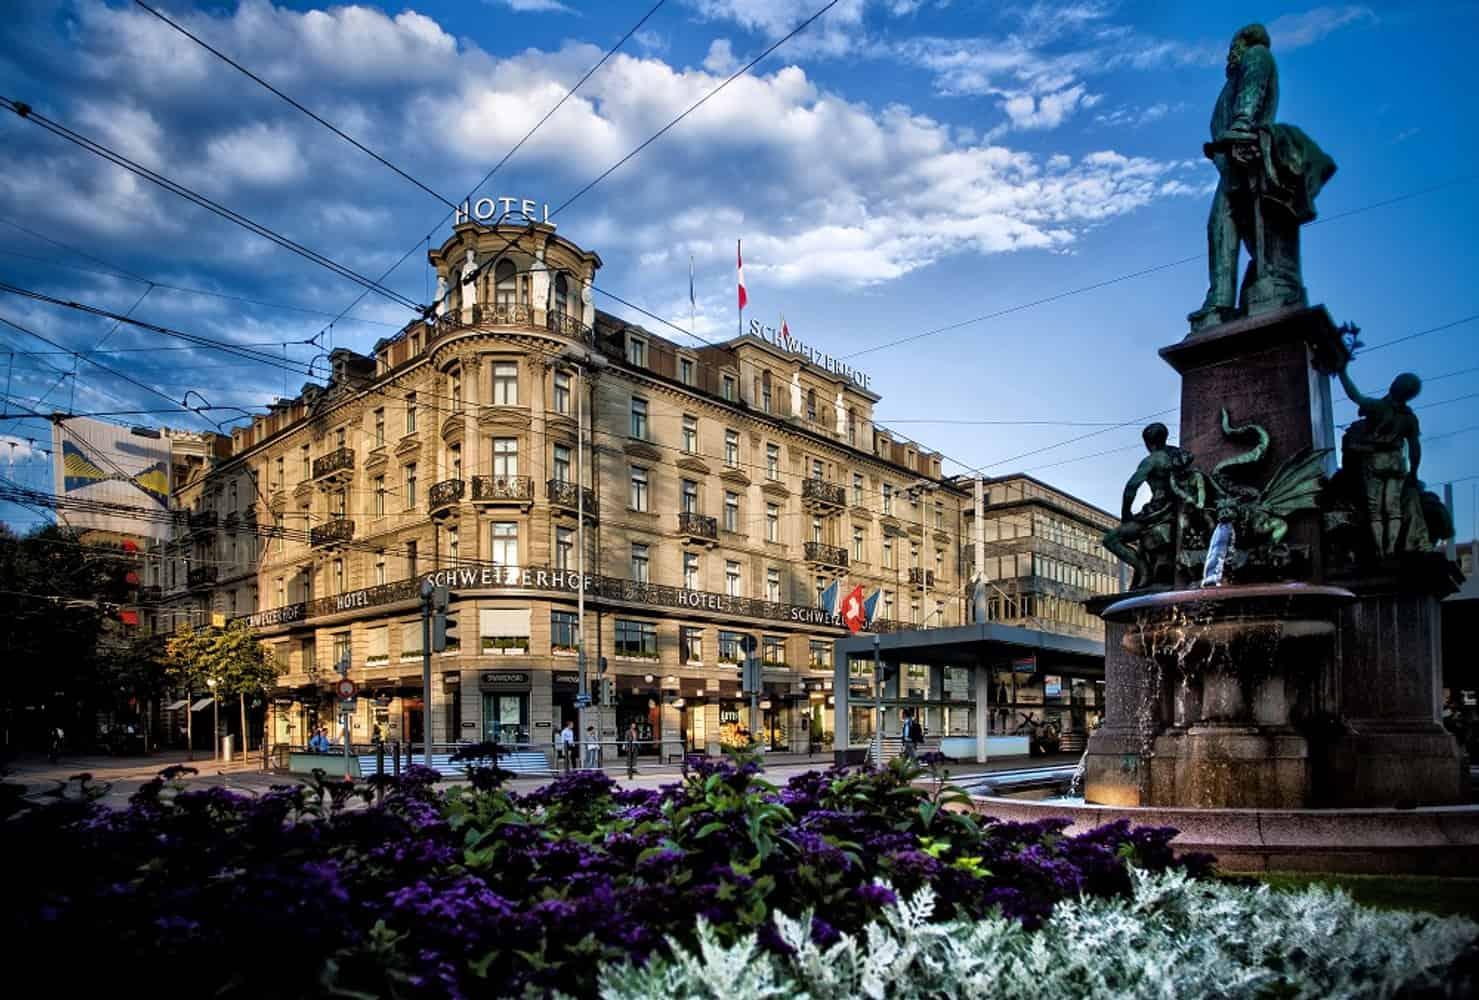 Aussenanschicht des Hotels Schweizerhof in Zürich